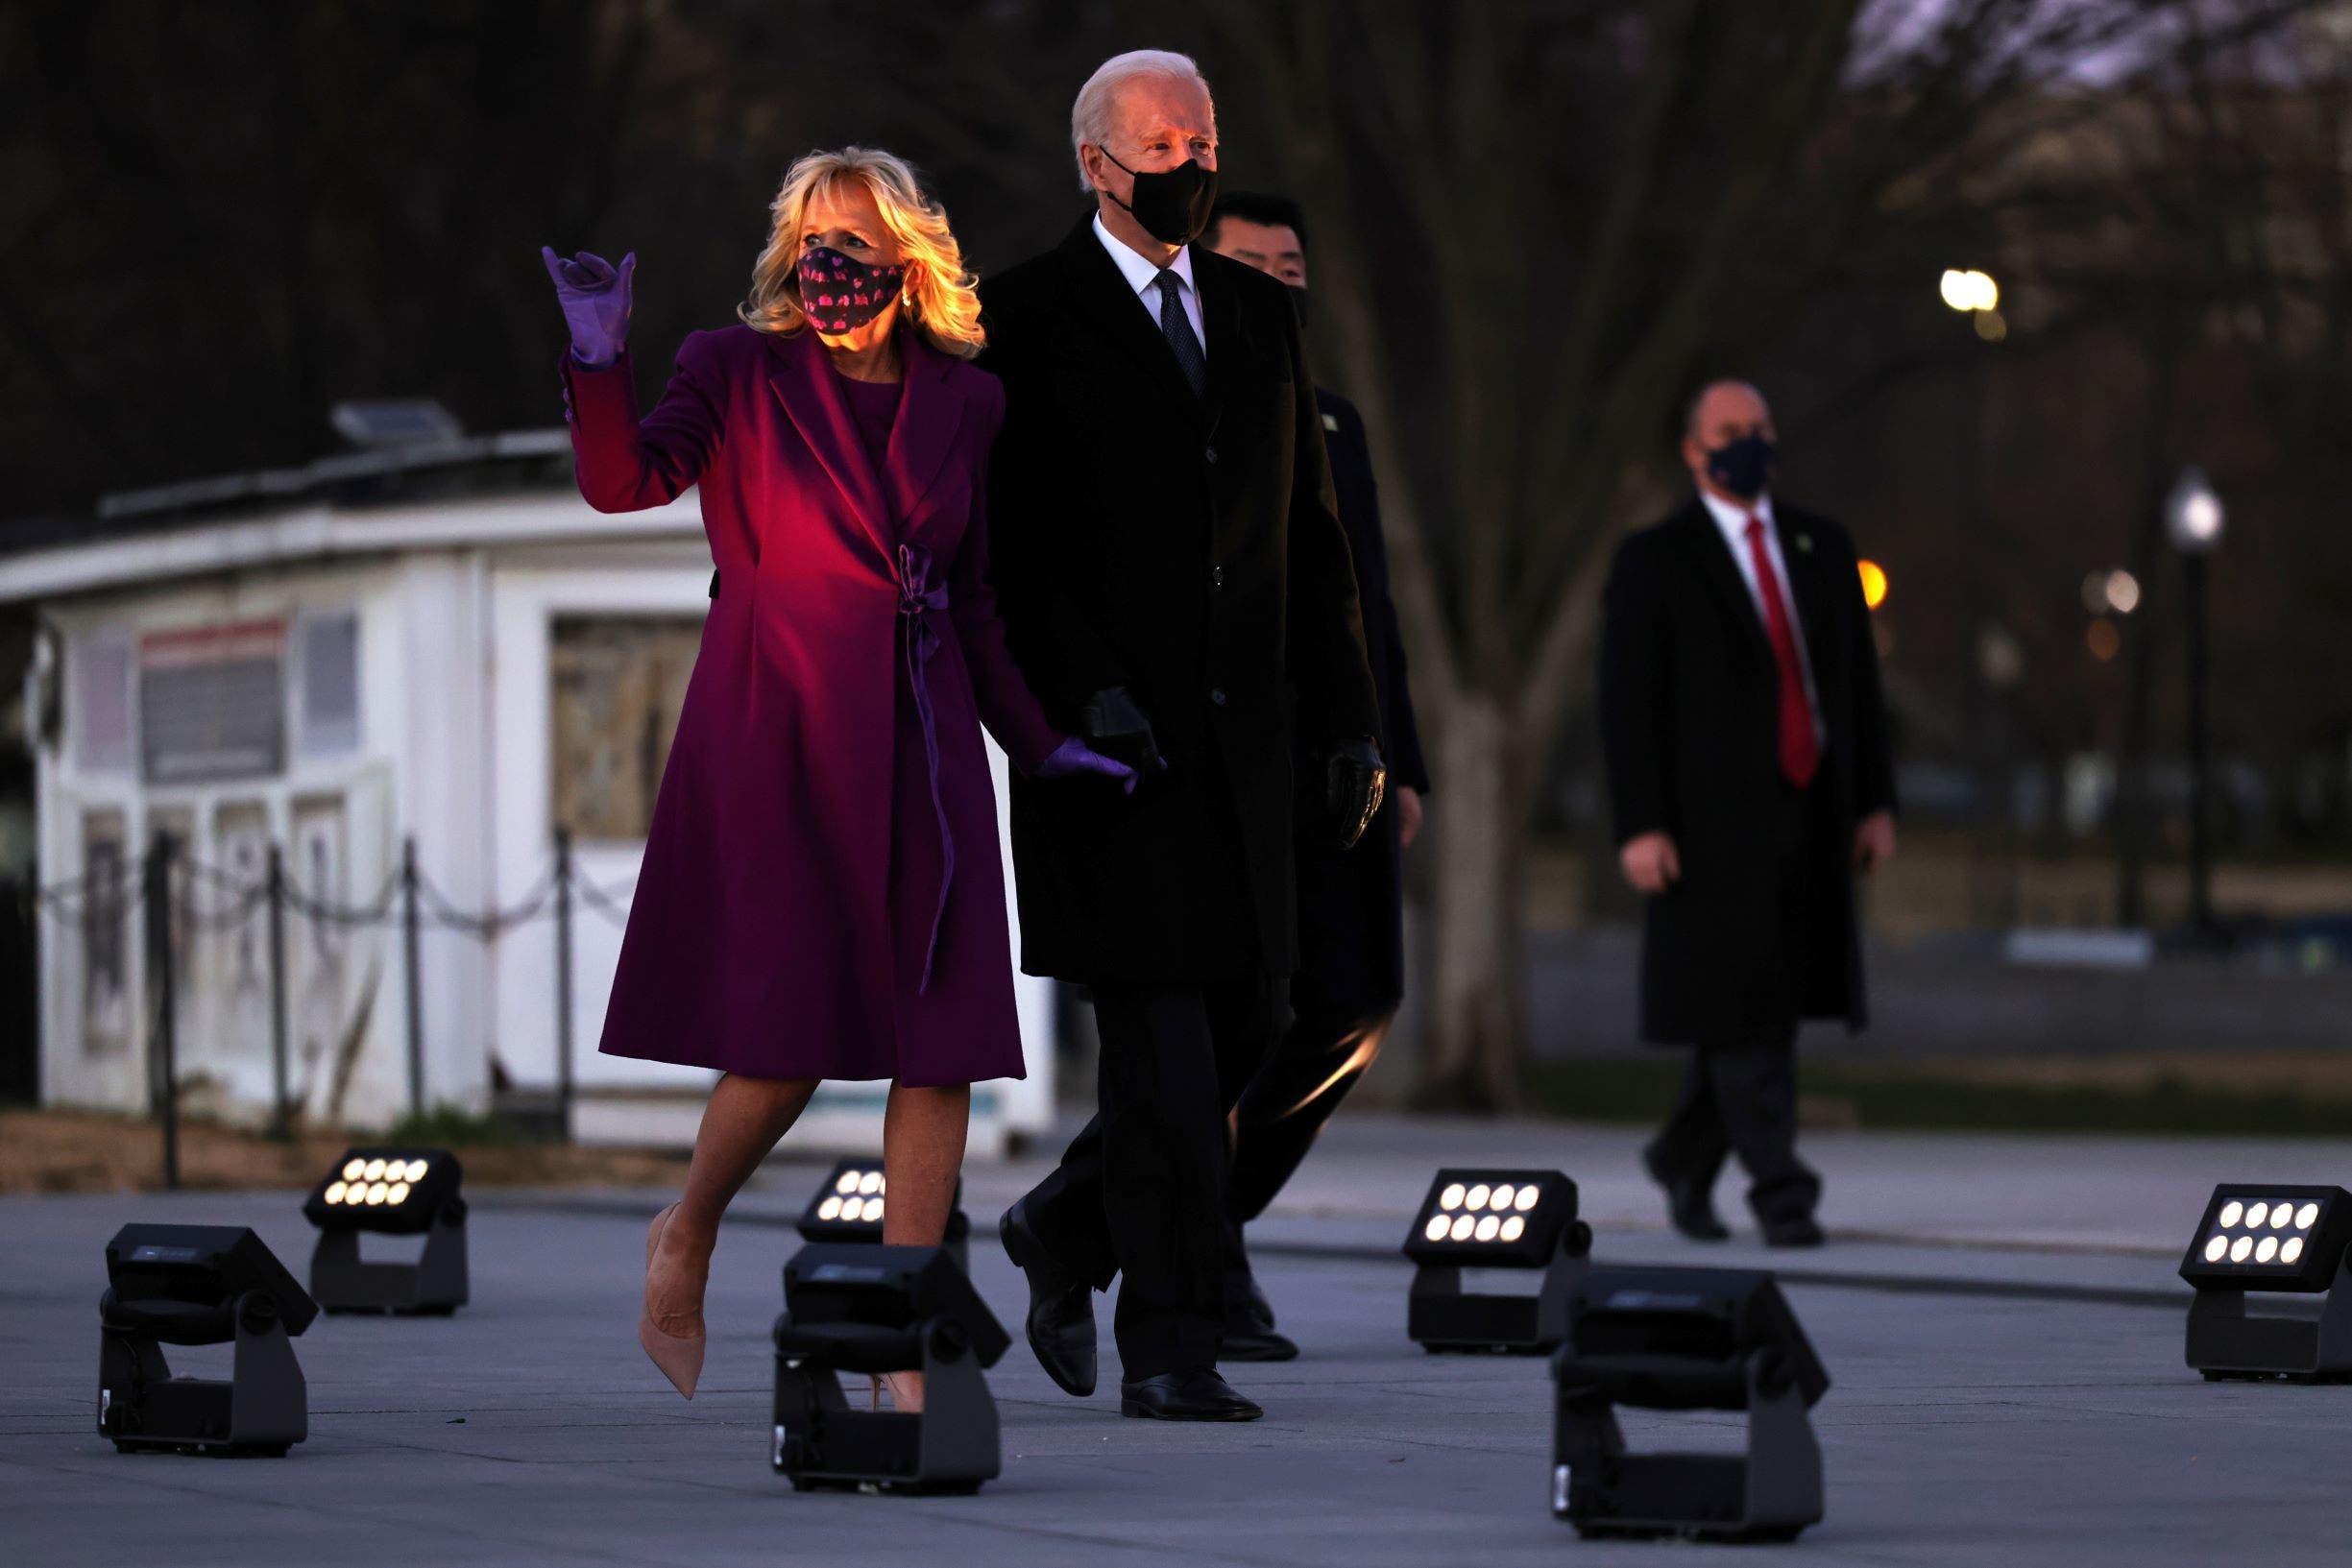 الرئيس بايدن وزوجته لدى وصولهما واشنطن